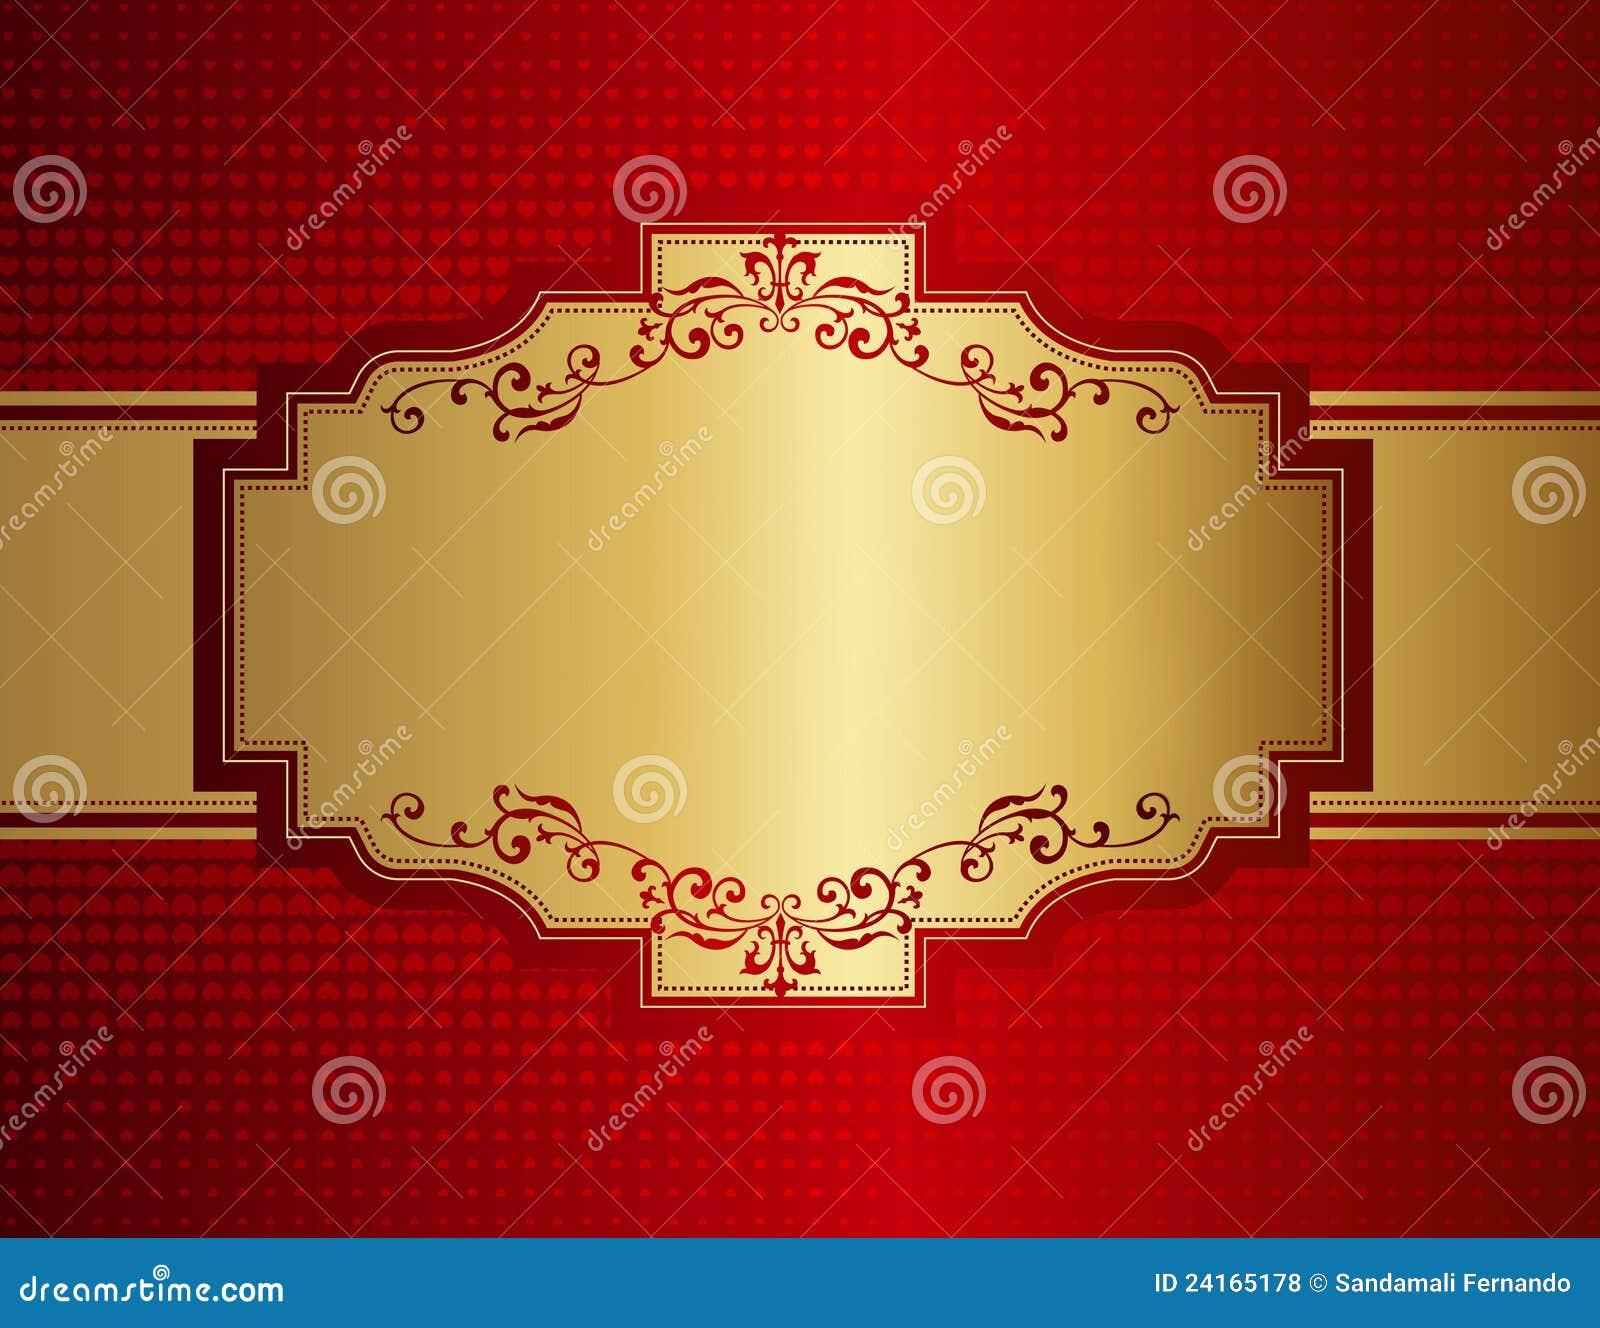 retro invitation background stock vector